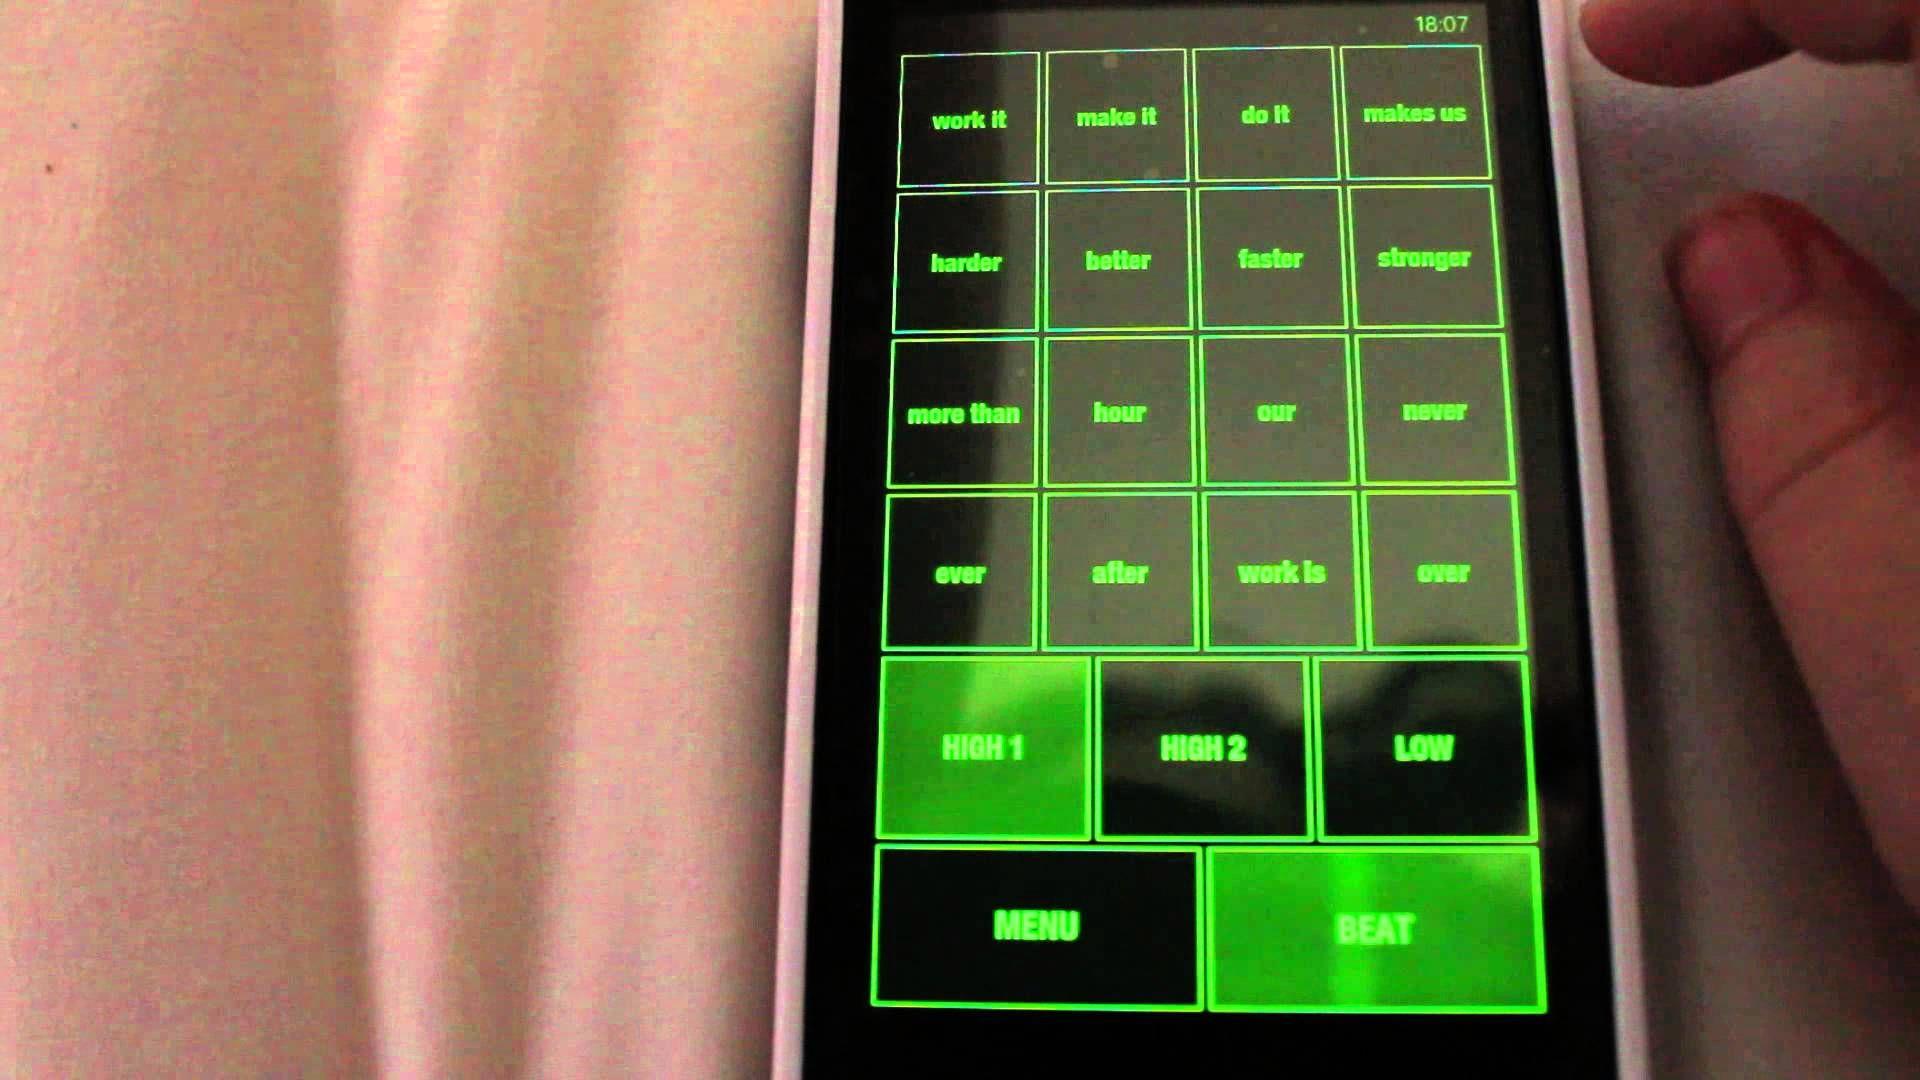 iDaft App Harder Better Faster Stronger App, Hard